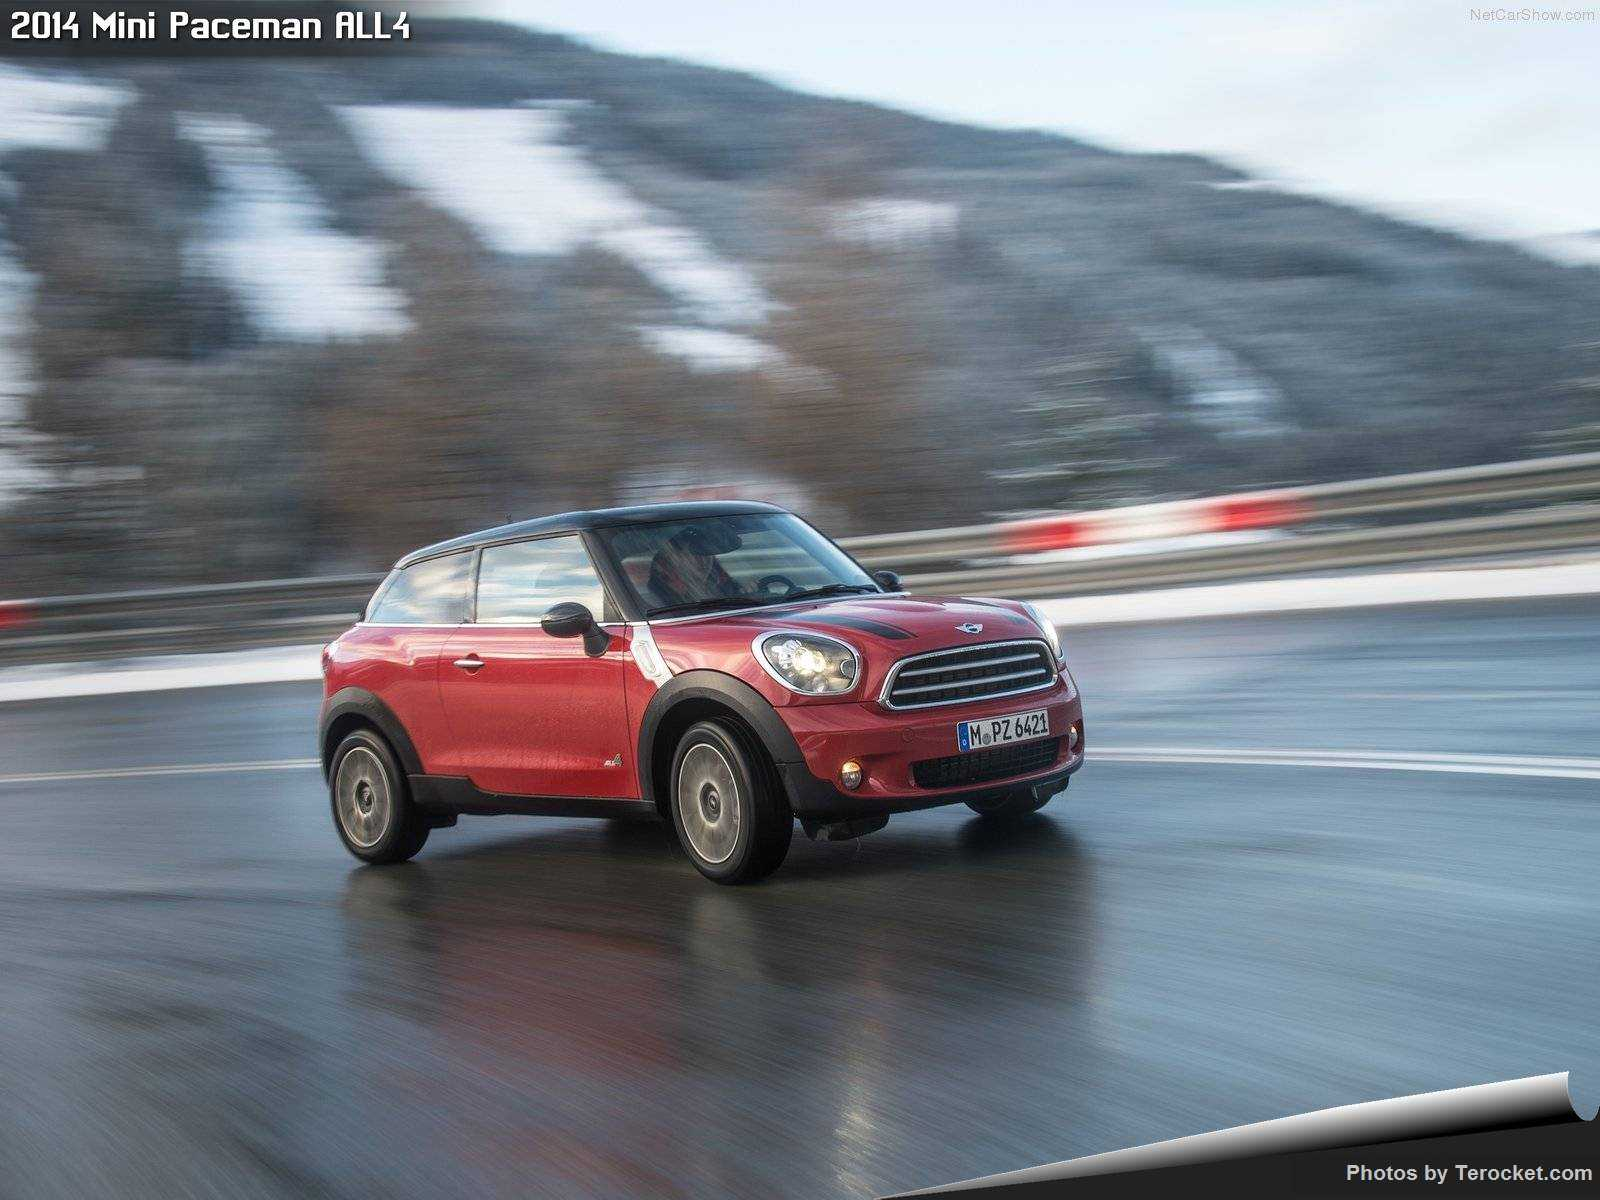 Hình ảnh xe ô tô Mini Paceman ALL4 2014 & nội ngoại thất